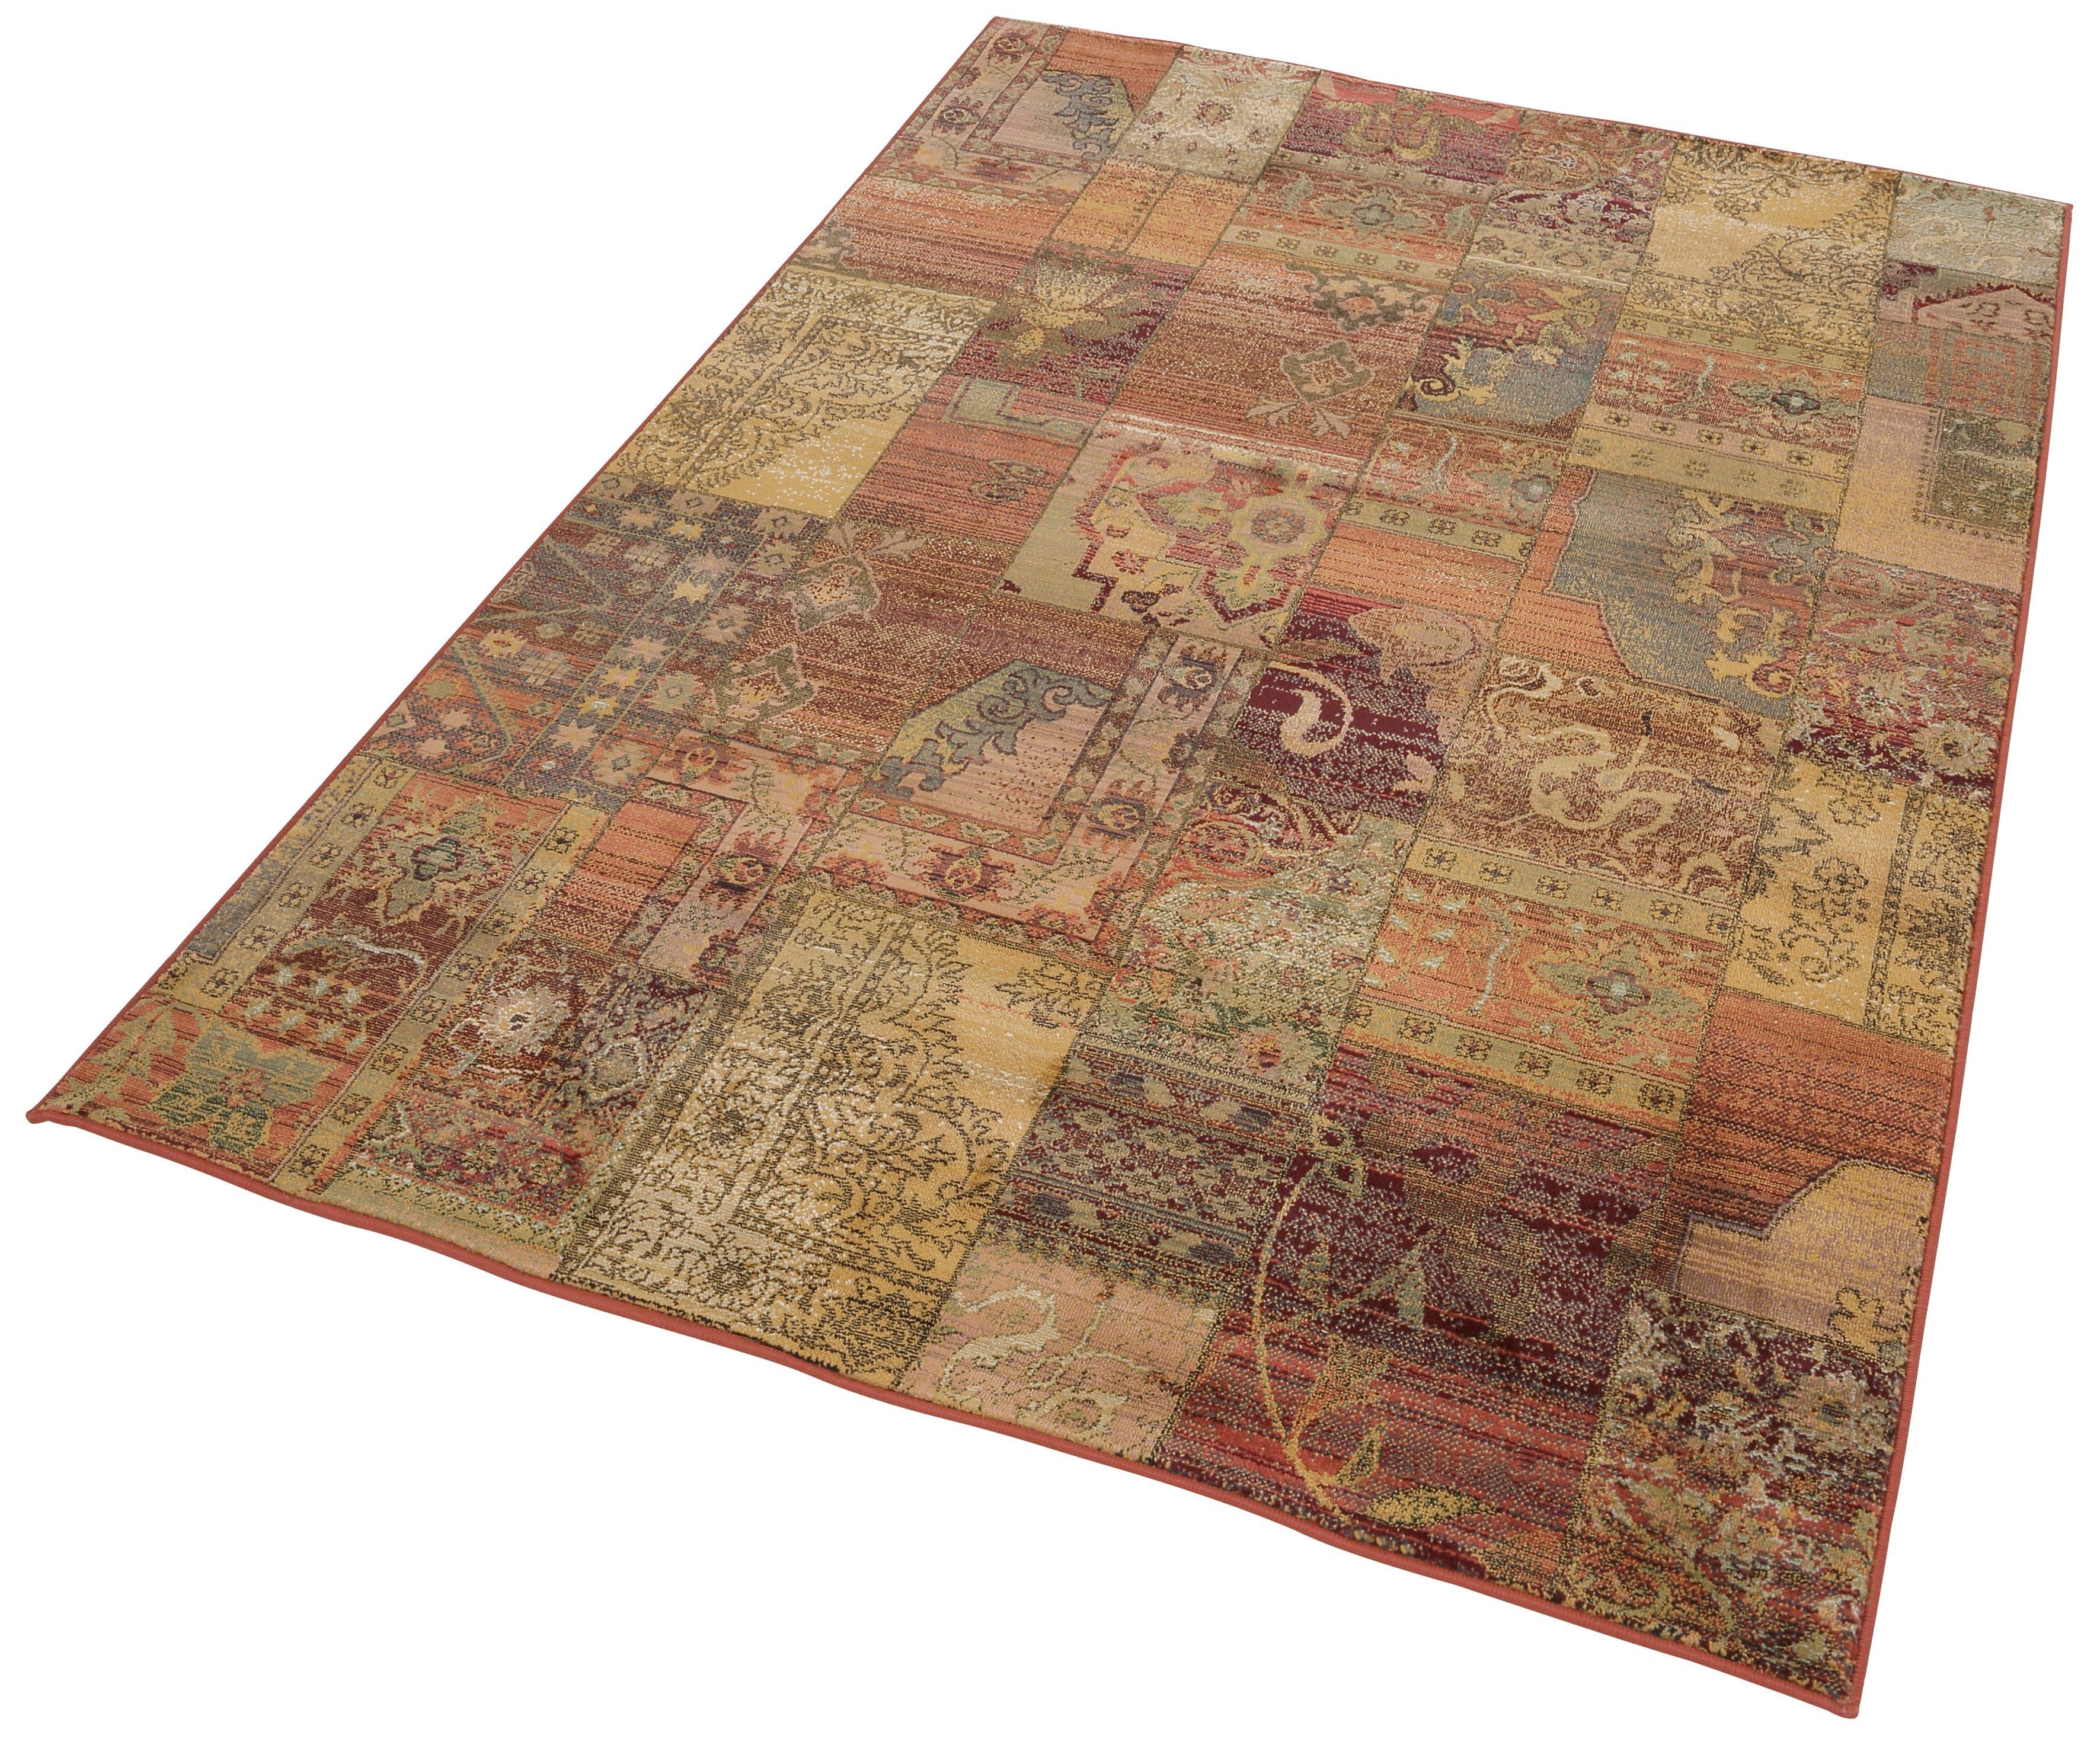 Perzisch Tapijt Tweedehands : Oosterse tapijten online shop nu online kopen otto